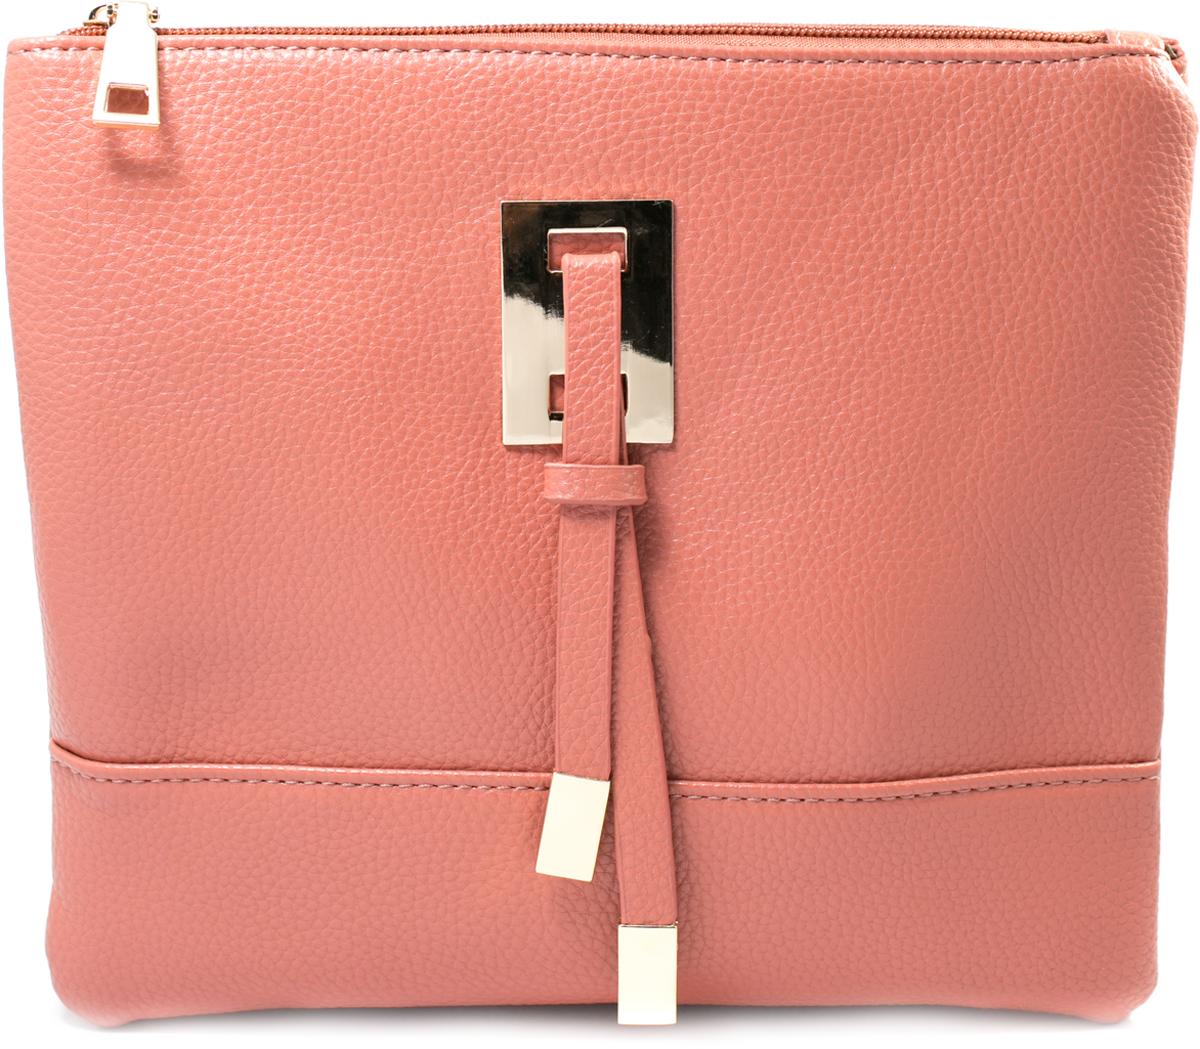 Клатч Mitya Veselkov, цвет: розовый. LADYBAG4-1210931-1Стильный клатч Mitya Veselkov станет отличным дополнением вашего образа. Два больших независимых отделения на молнии, одно отделение посередине, плюс еще одно отделение на молнии на тыльной стороне. В комплекте отстегивающийся ремешок, можно использовать как сумку.